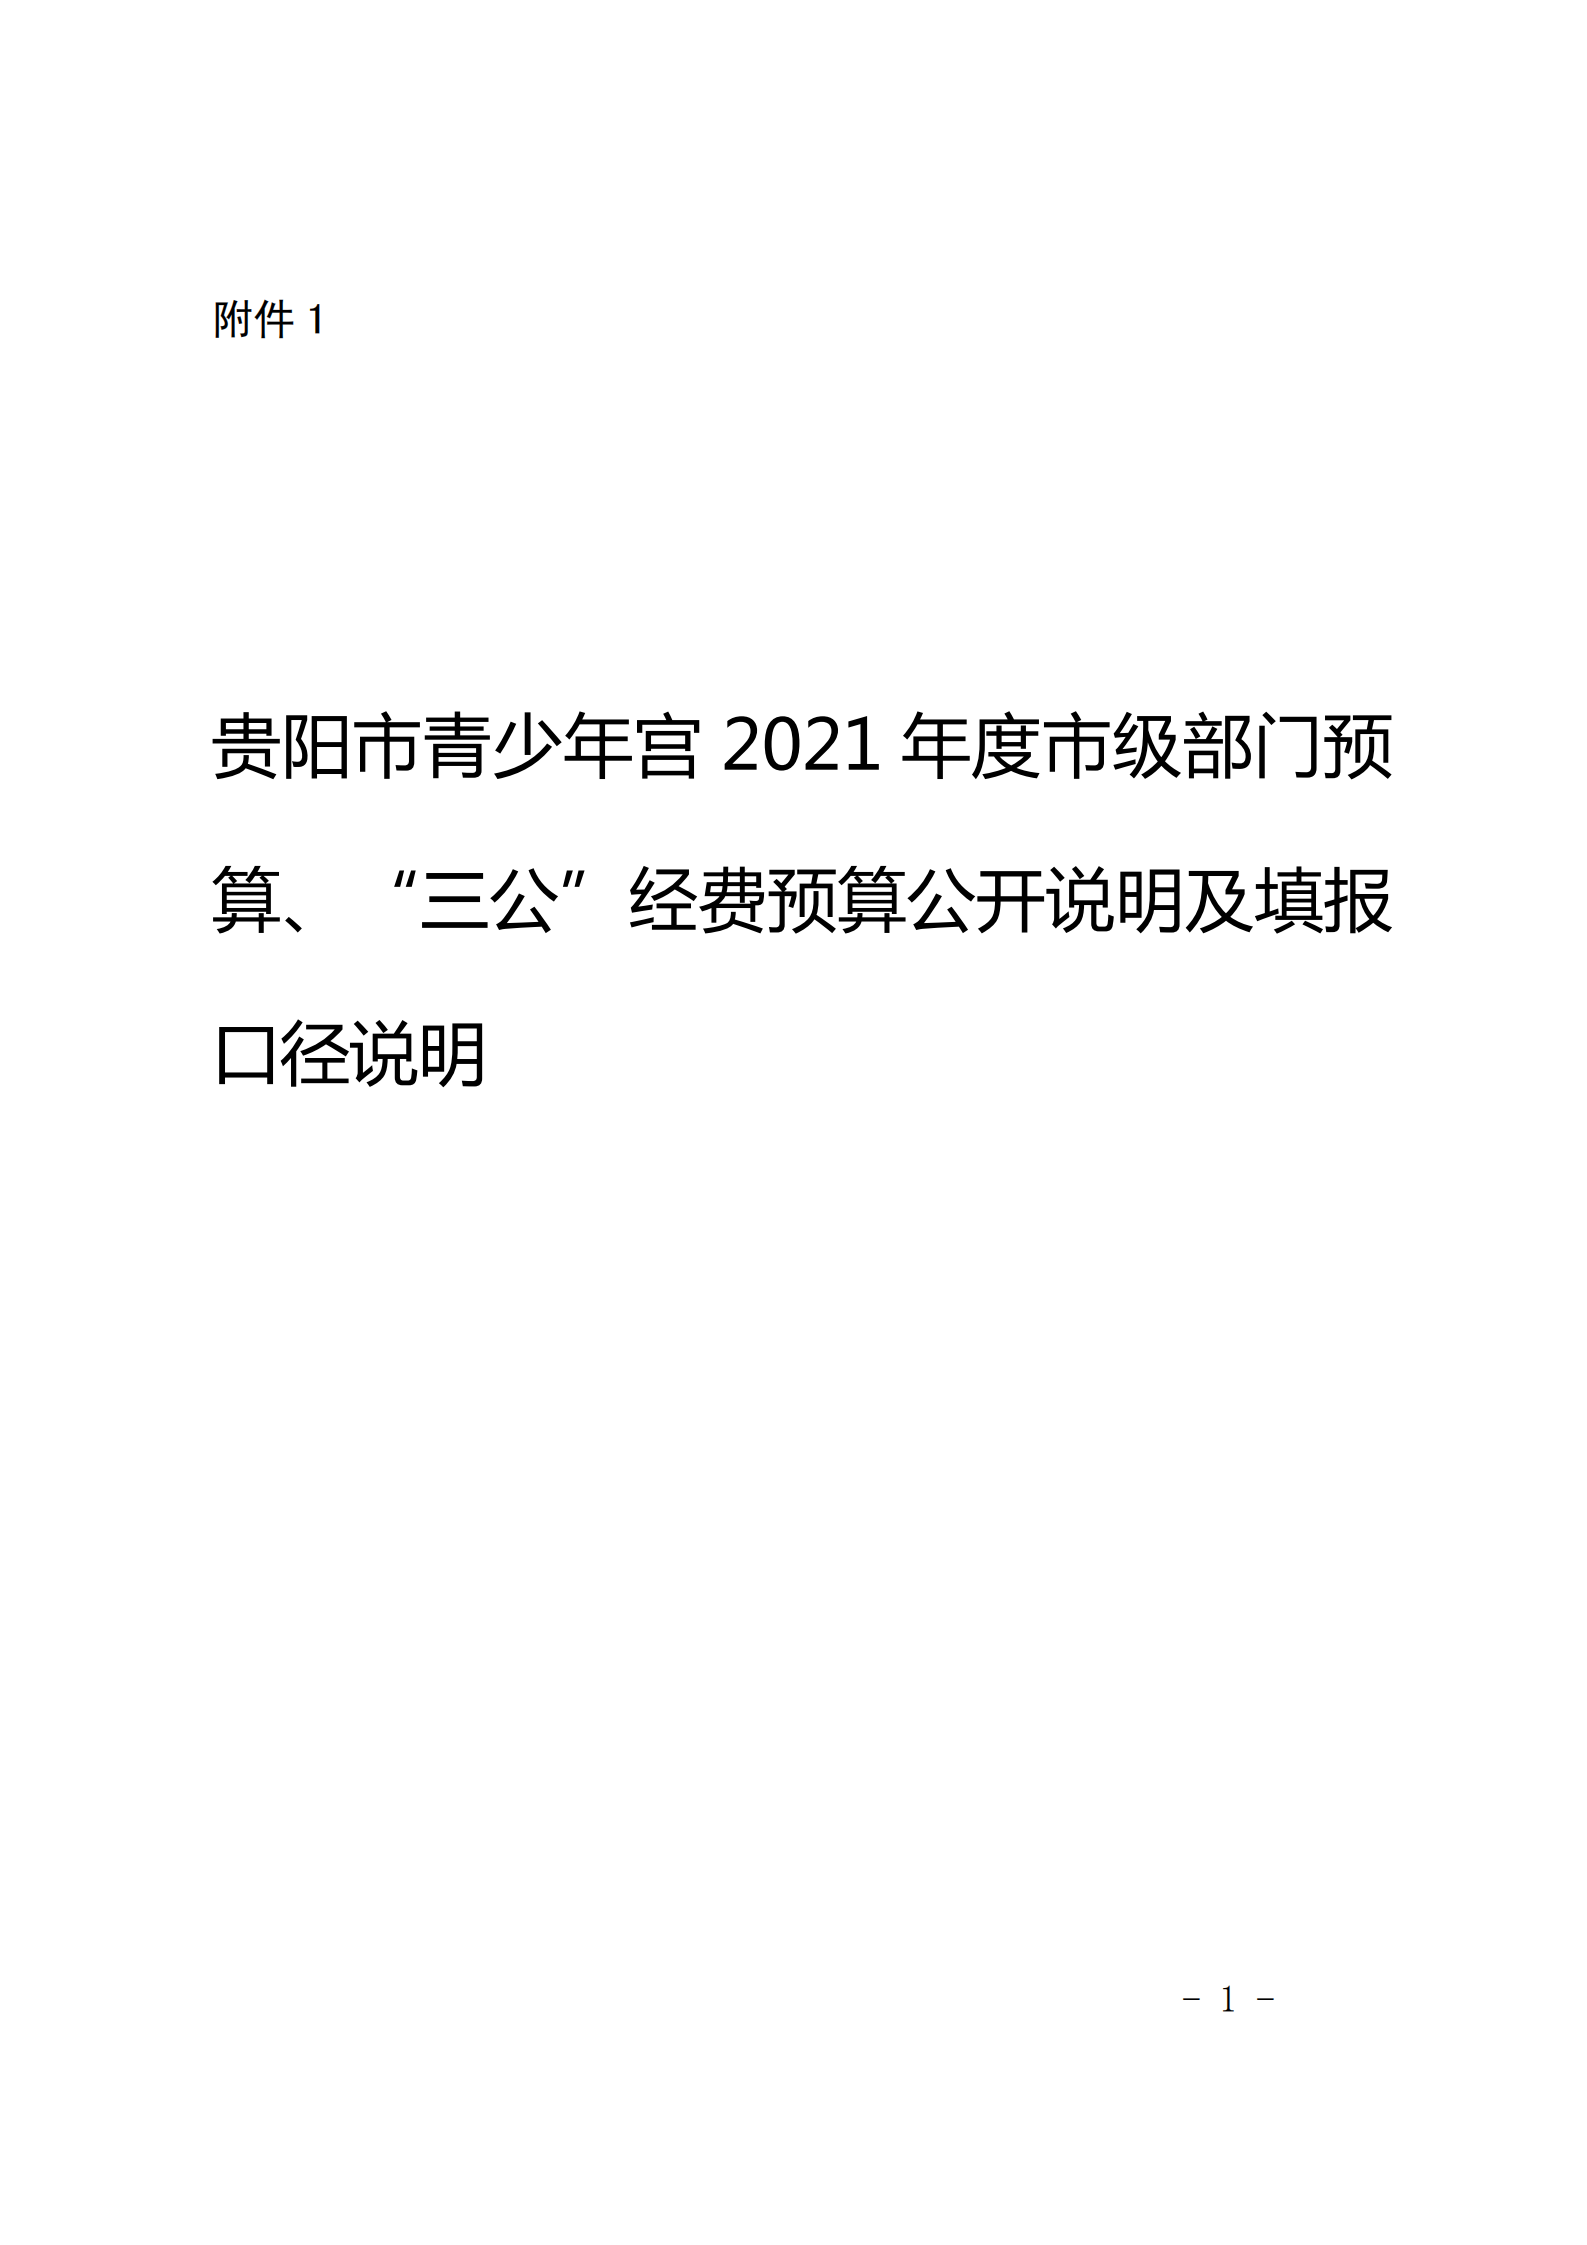 """贵阳市青少年宫2021年度市级部门预算、""""三公""""经费预算公开说明_00.png"""